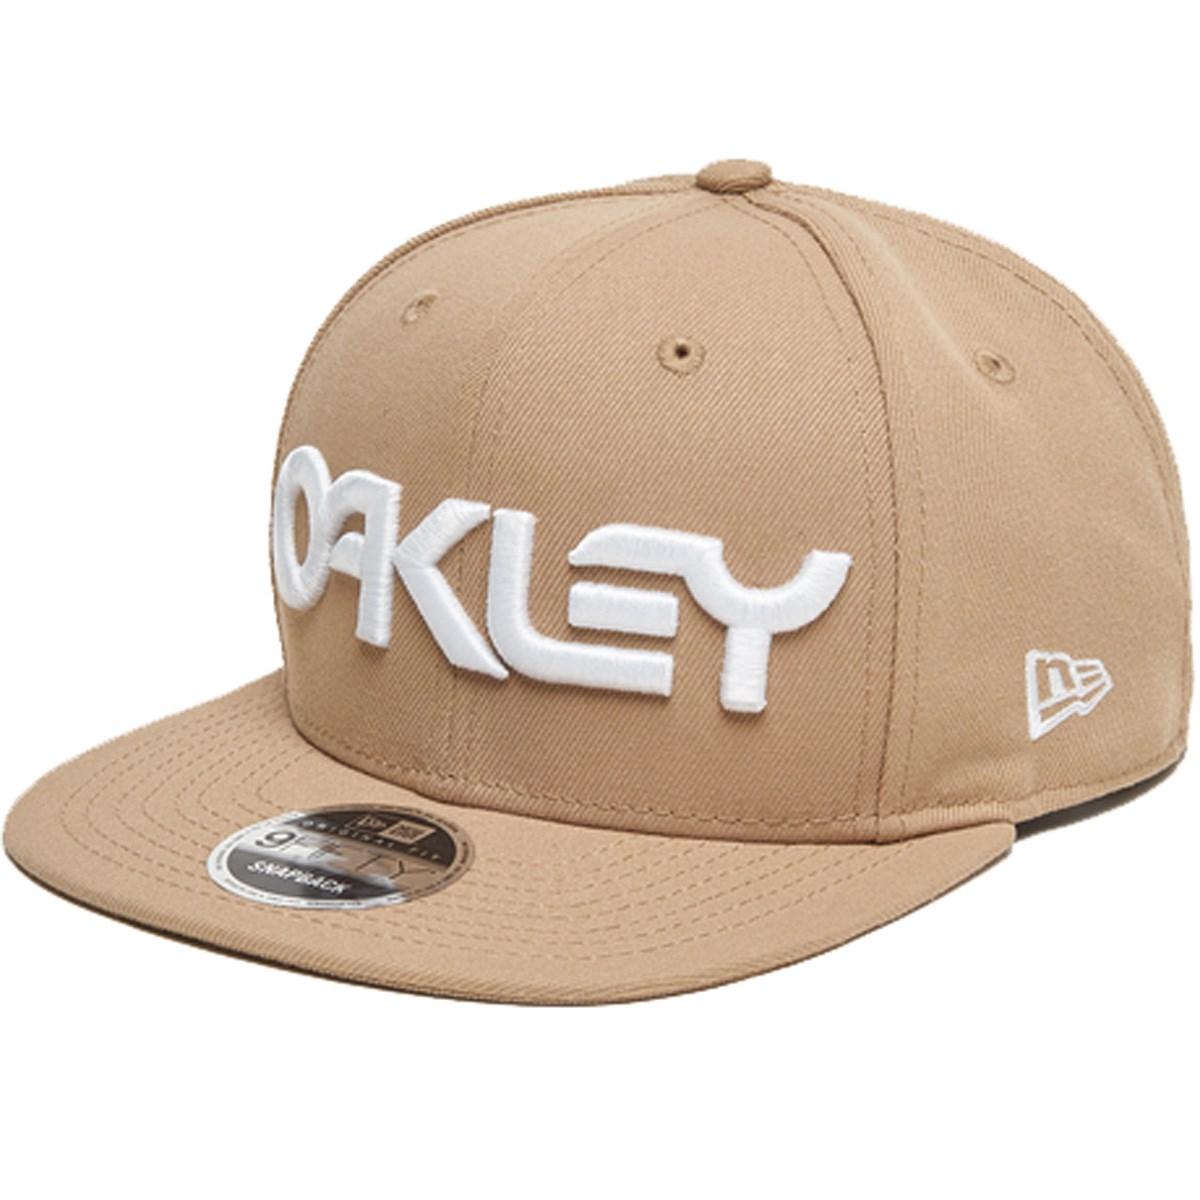 オークリー OAKLEY キャップ フリー サファリ 31S